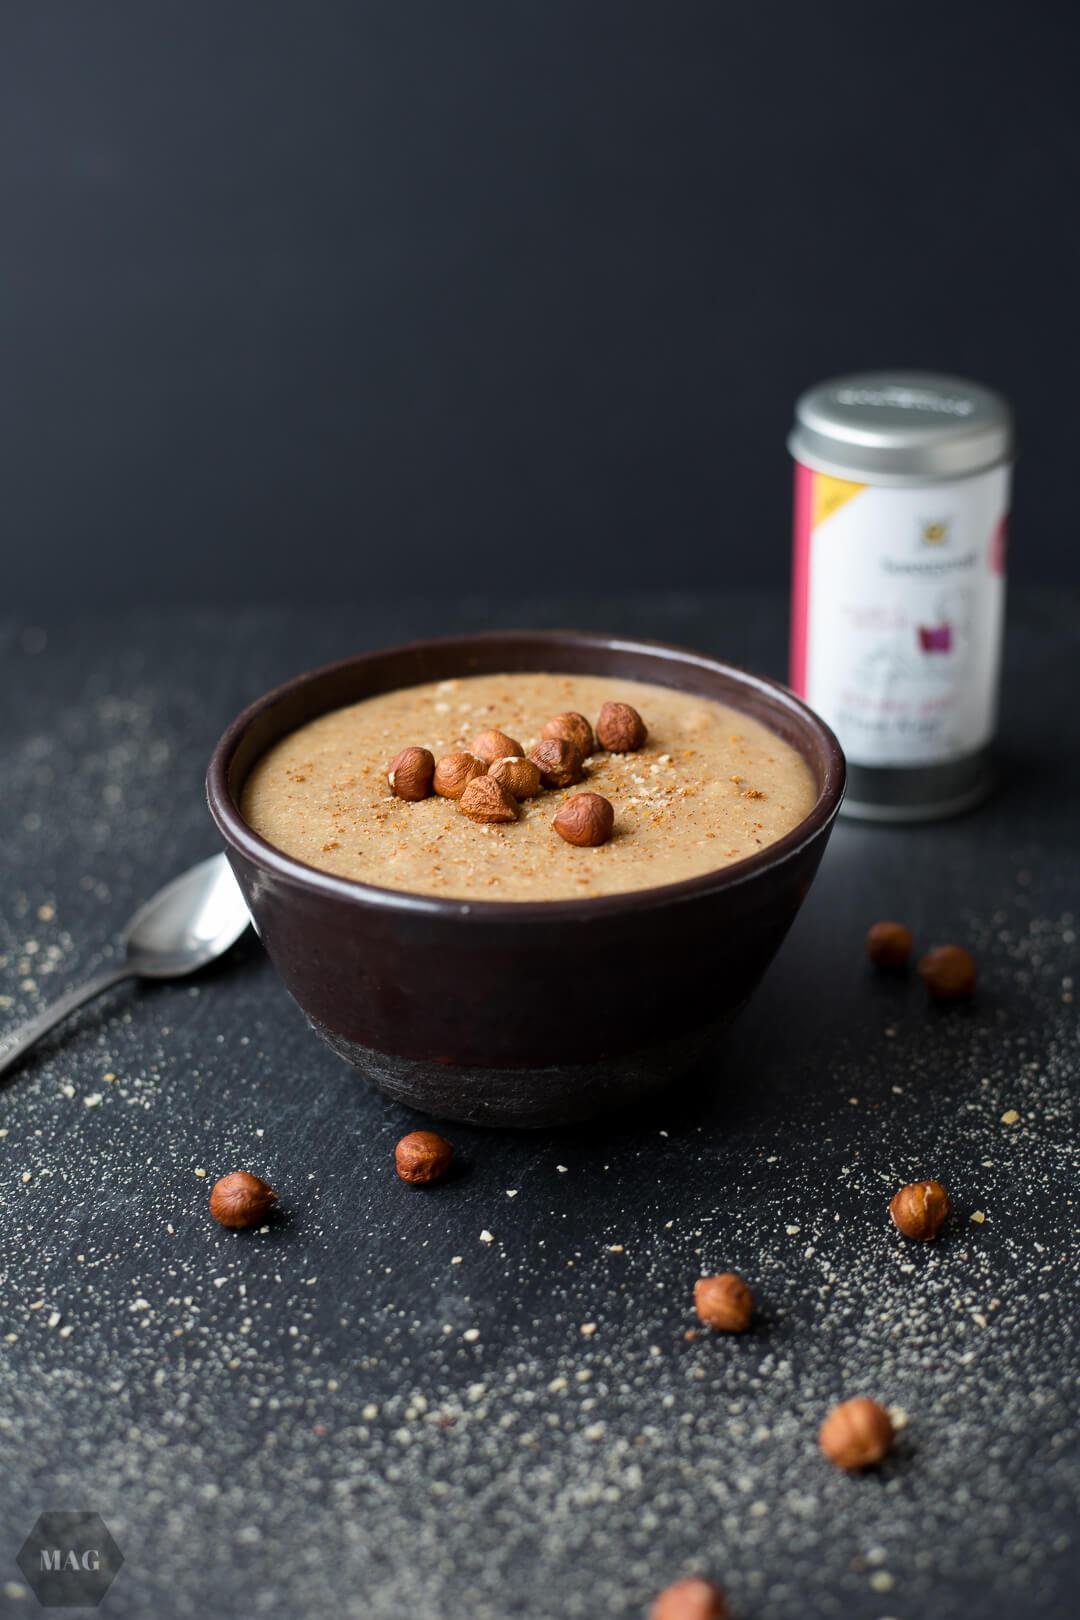 sonnentor, wieder gut! sonnentor, wieder-gut-linie sonnentor, haselnuss-pudding, pudding vegan, nuss pudding vegan selbst gemacht, pudding vegan selber machen, nusspudding selbst gemacht, gesunder pudding, sonnentor gewürze